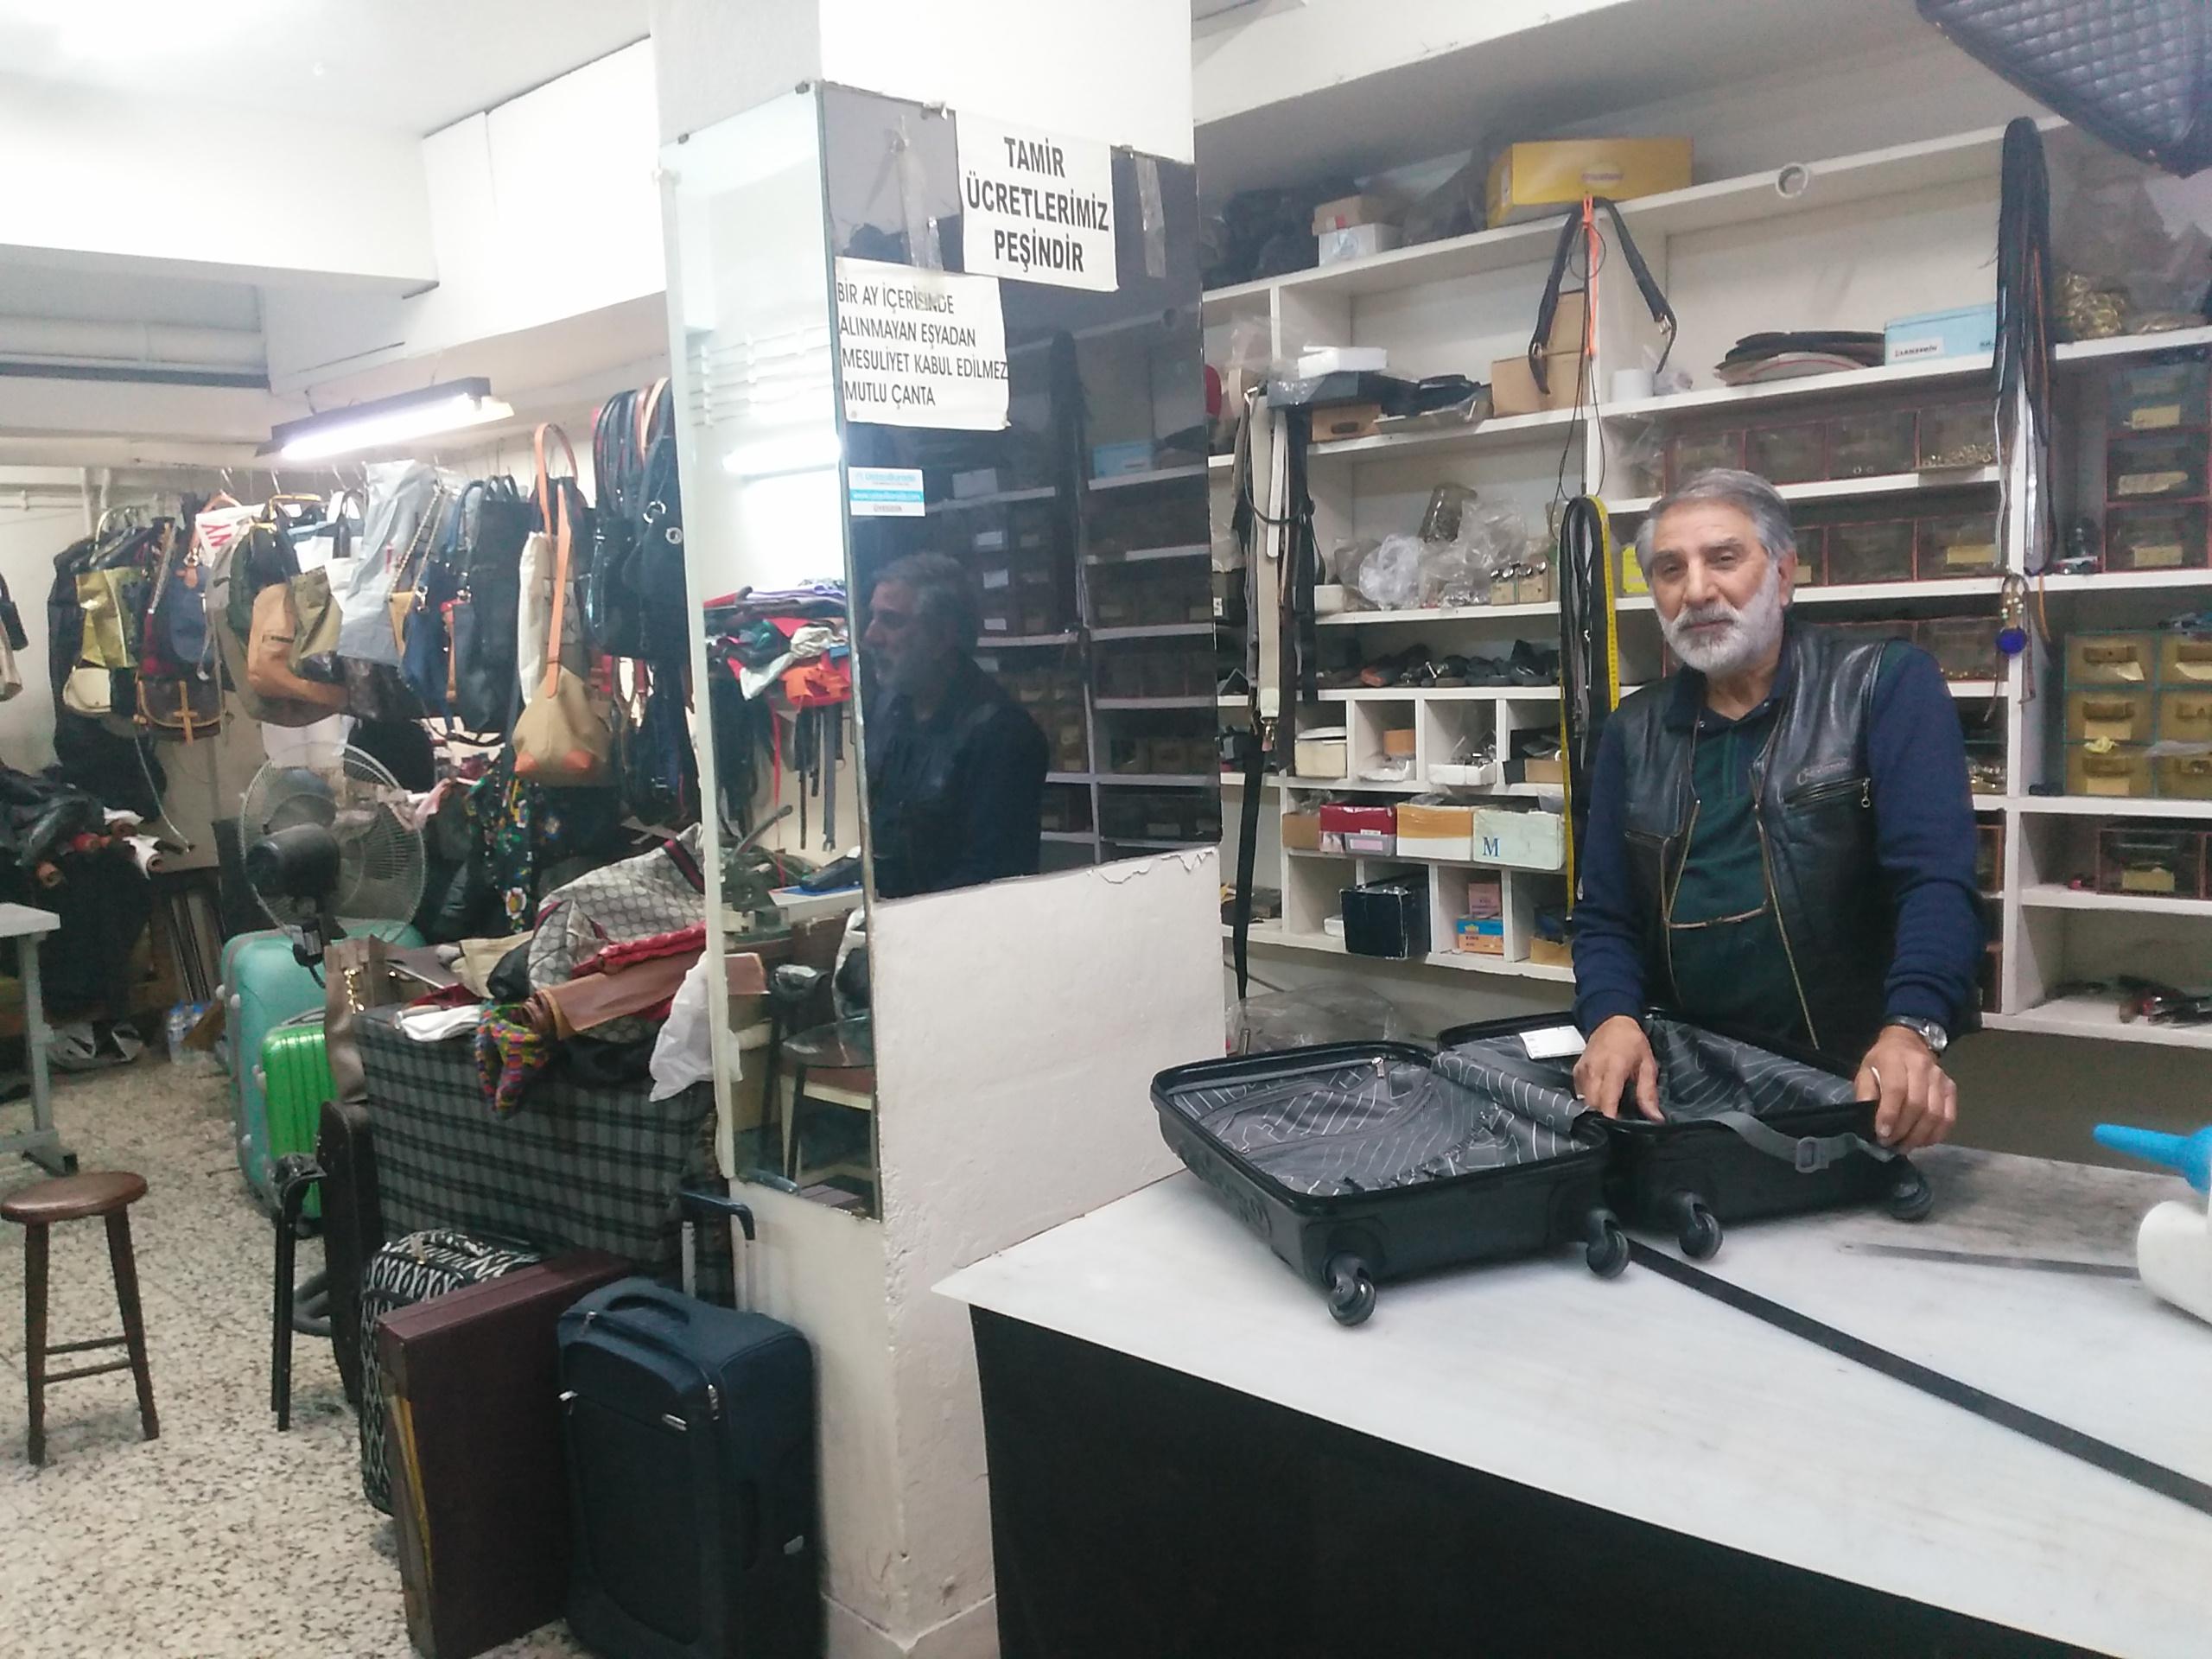 Hosteslerin, 45 yıllık  Çanta Tamirci Ustası